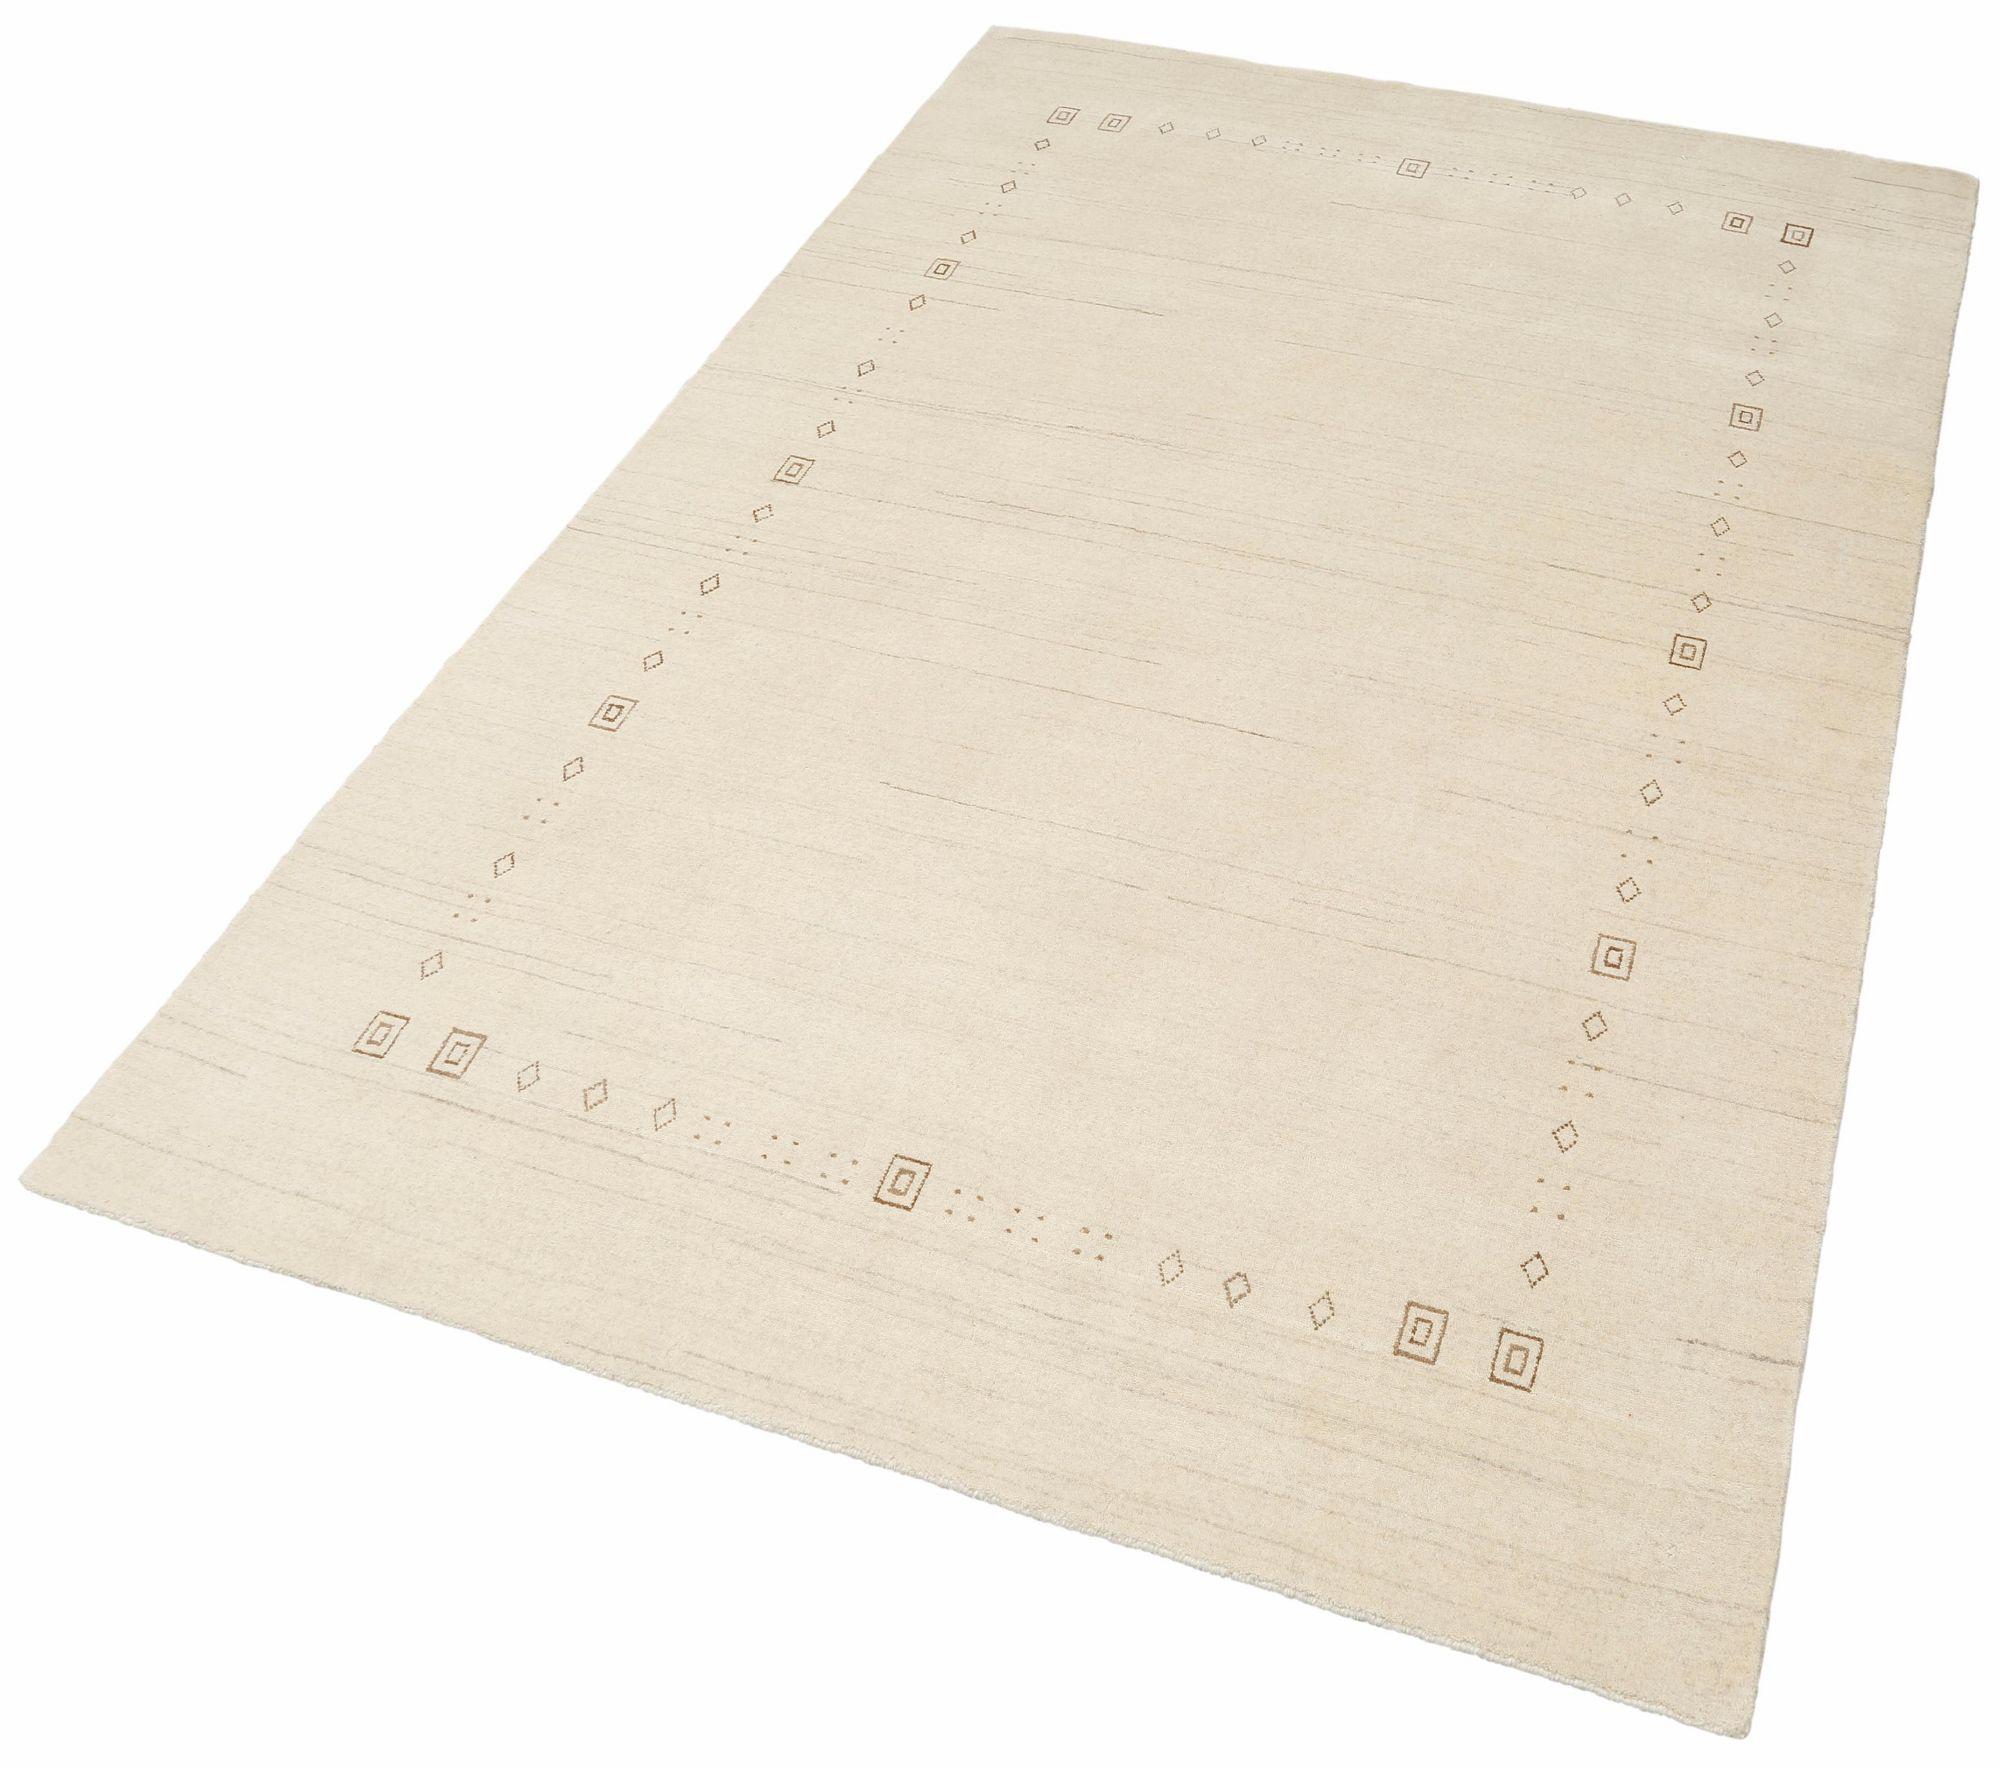 Orientteppich, »Lori Dream 2«, Theko, rechteckig, Höhe 12 mm, manuell geknüpft